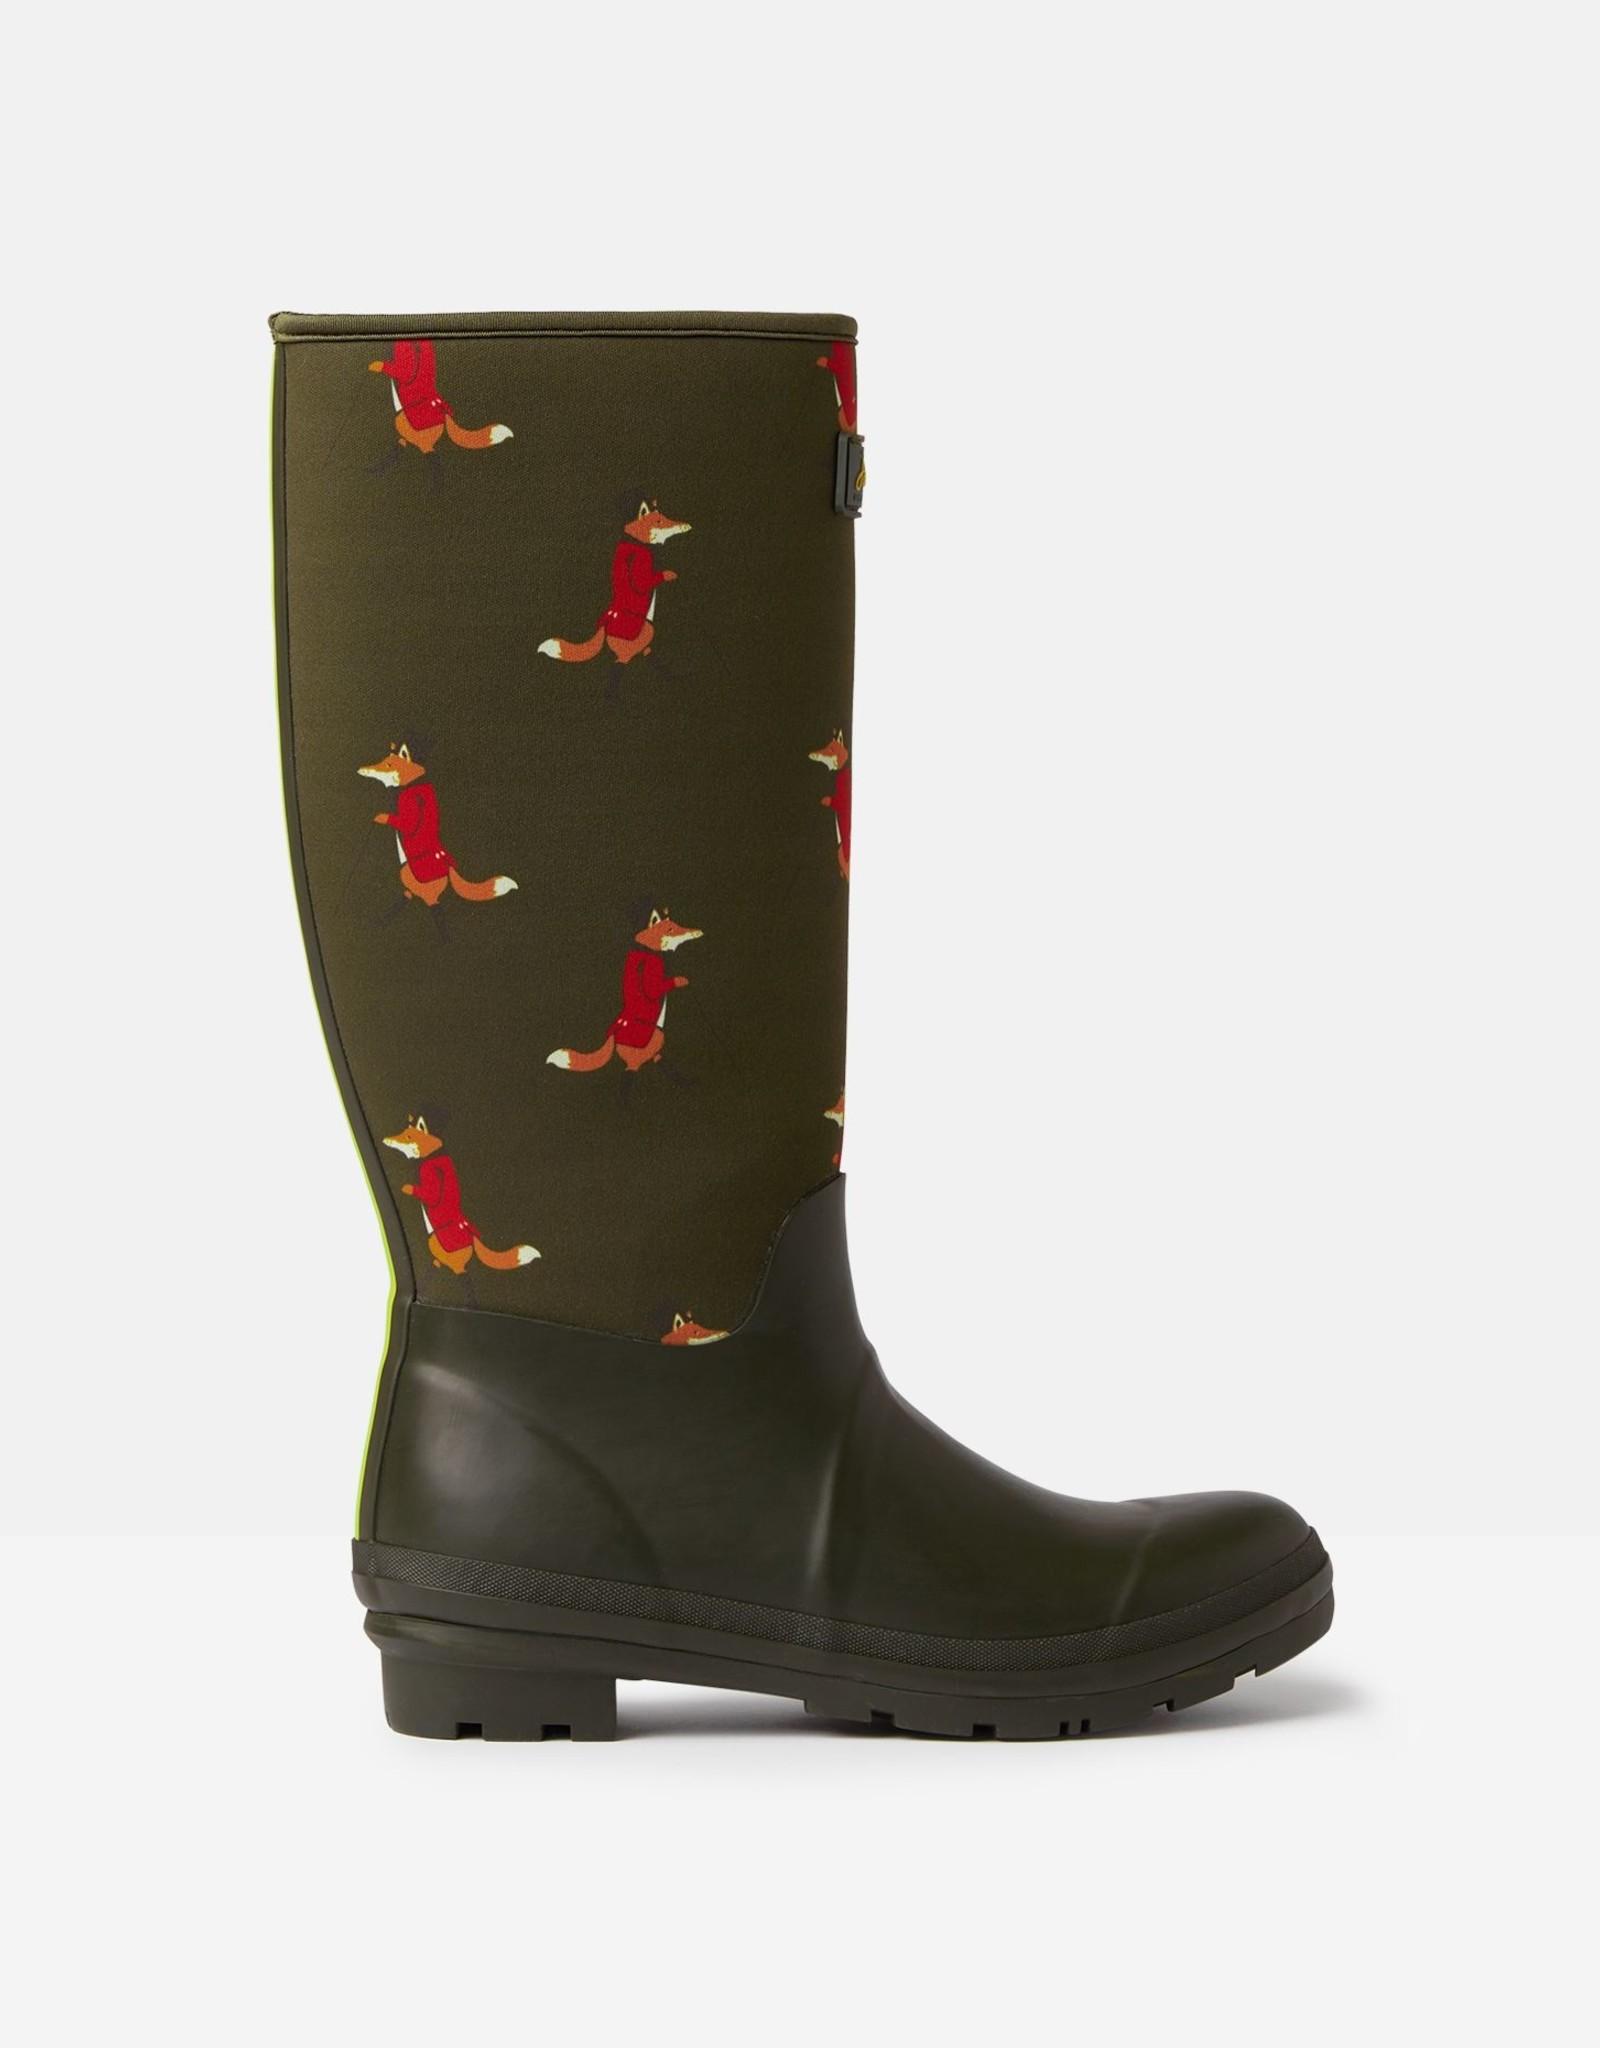 Joules Ladies' Neoprene Printed Rain Boot